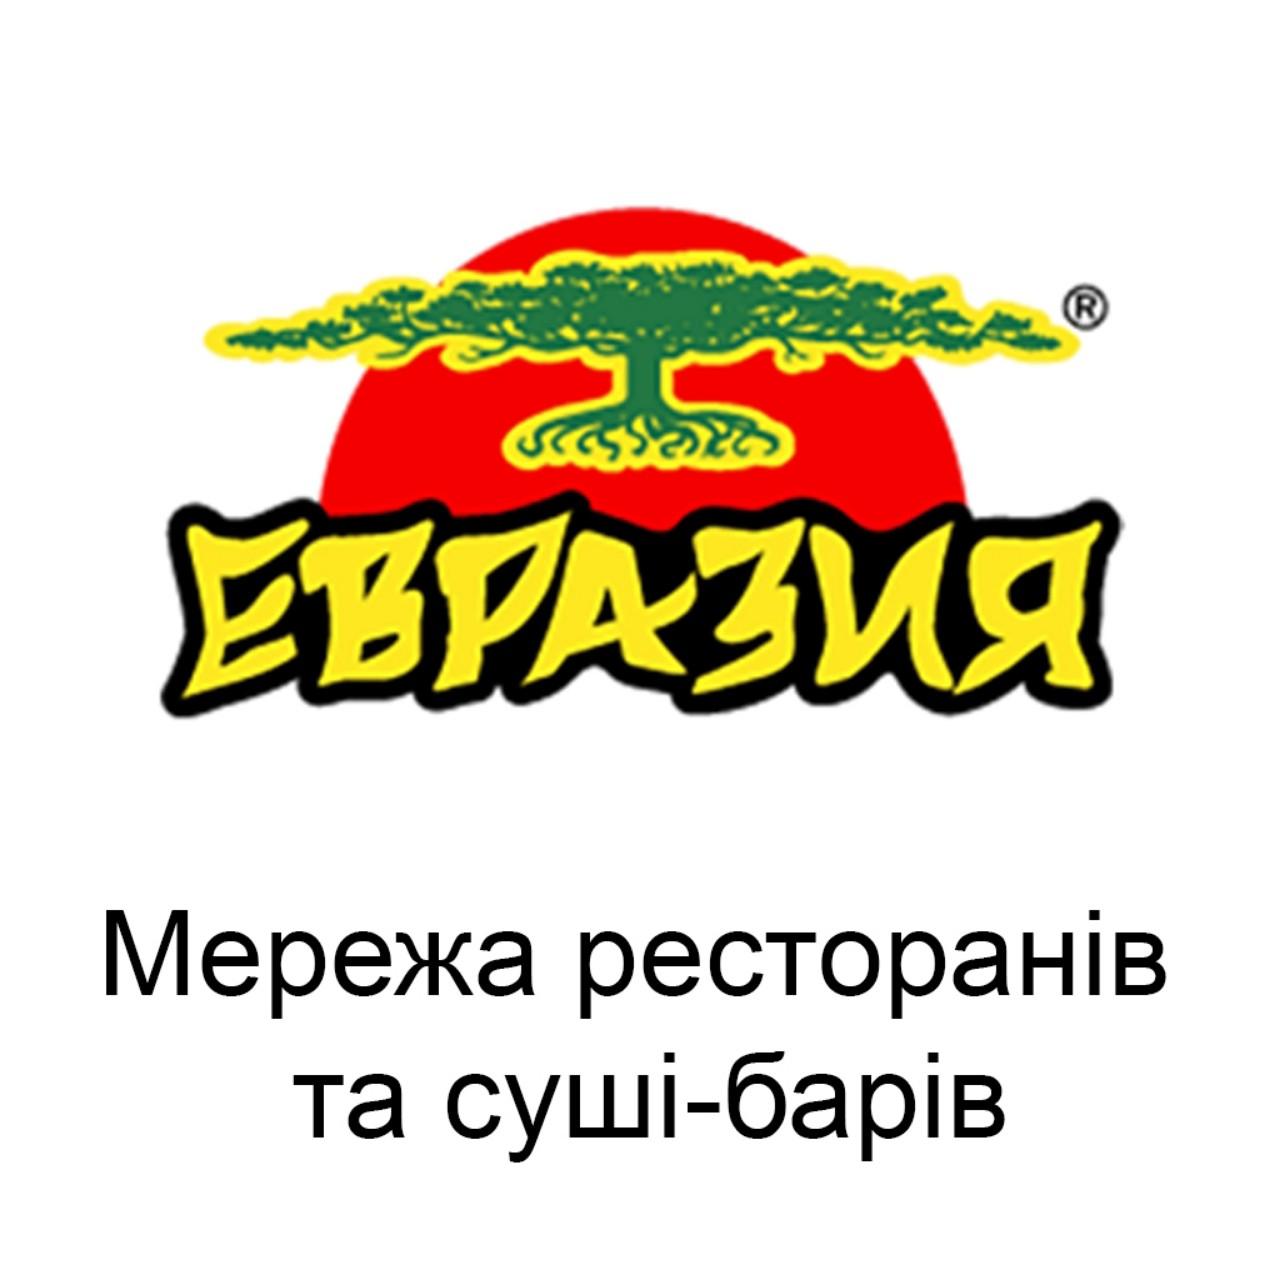 Мережа ресторанів та суші-барів «Євразія» м.Київ